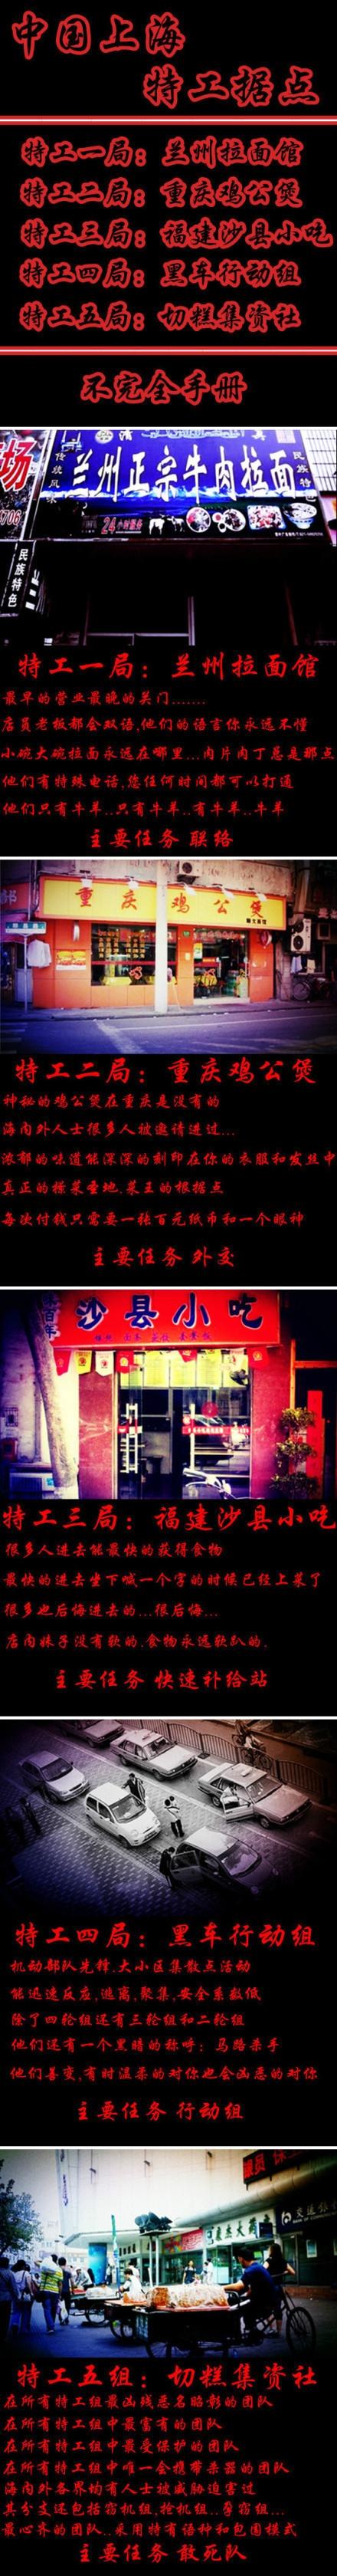 """鲜为人知的上海""""特工组"""",美国间谍卫星都无法获取资料"""